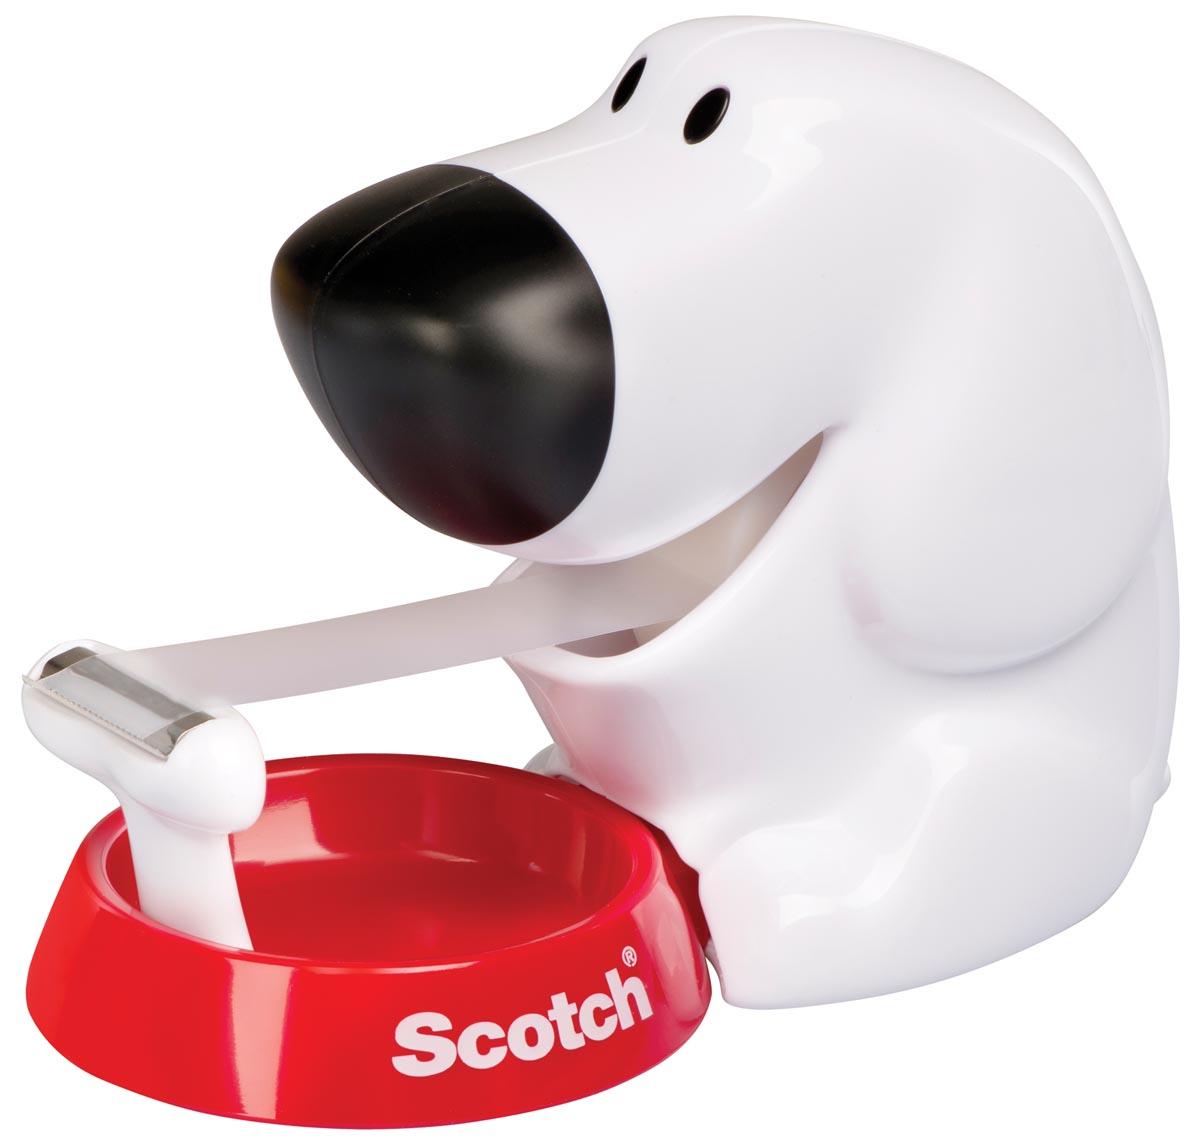 Scotch plakbandafroller hond